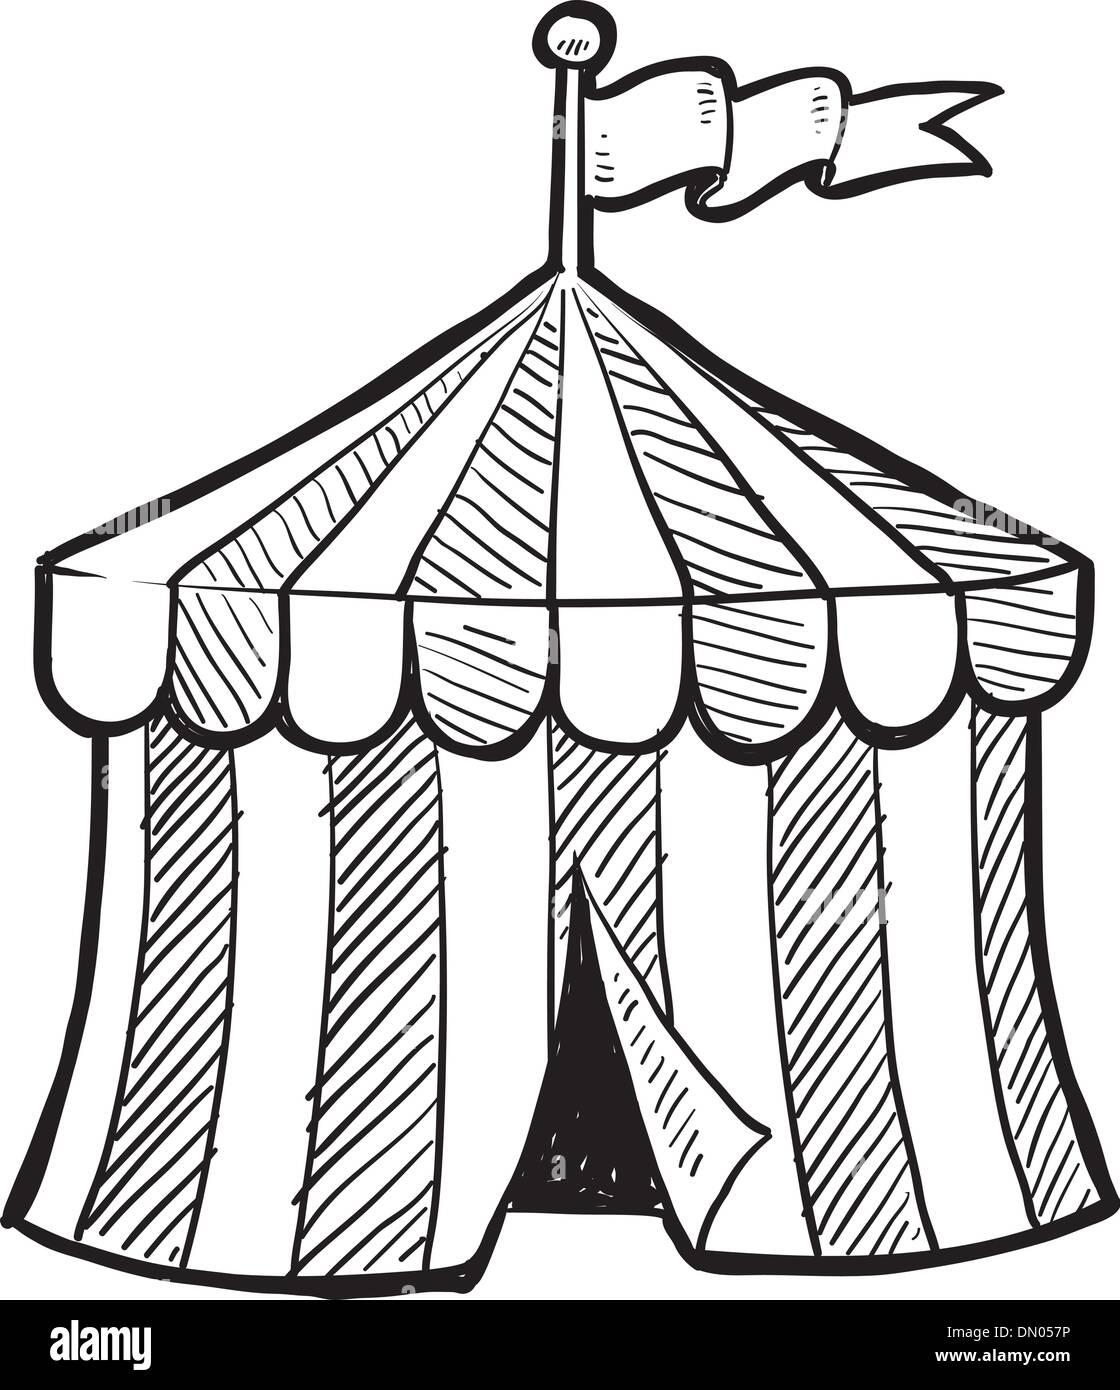 Chapiteau de cirque dessin vectoriel vecteurs et illustration image vectorielle 64543018 alamy - Dessin d un chapiteau de cirque ...